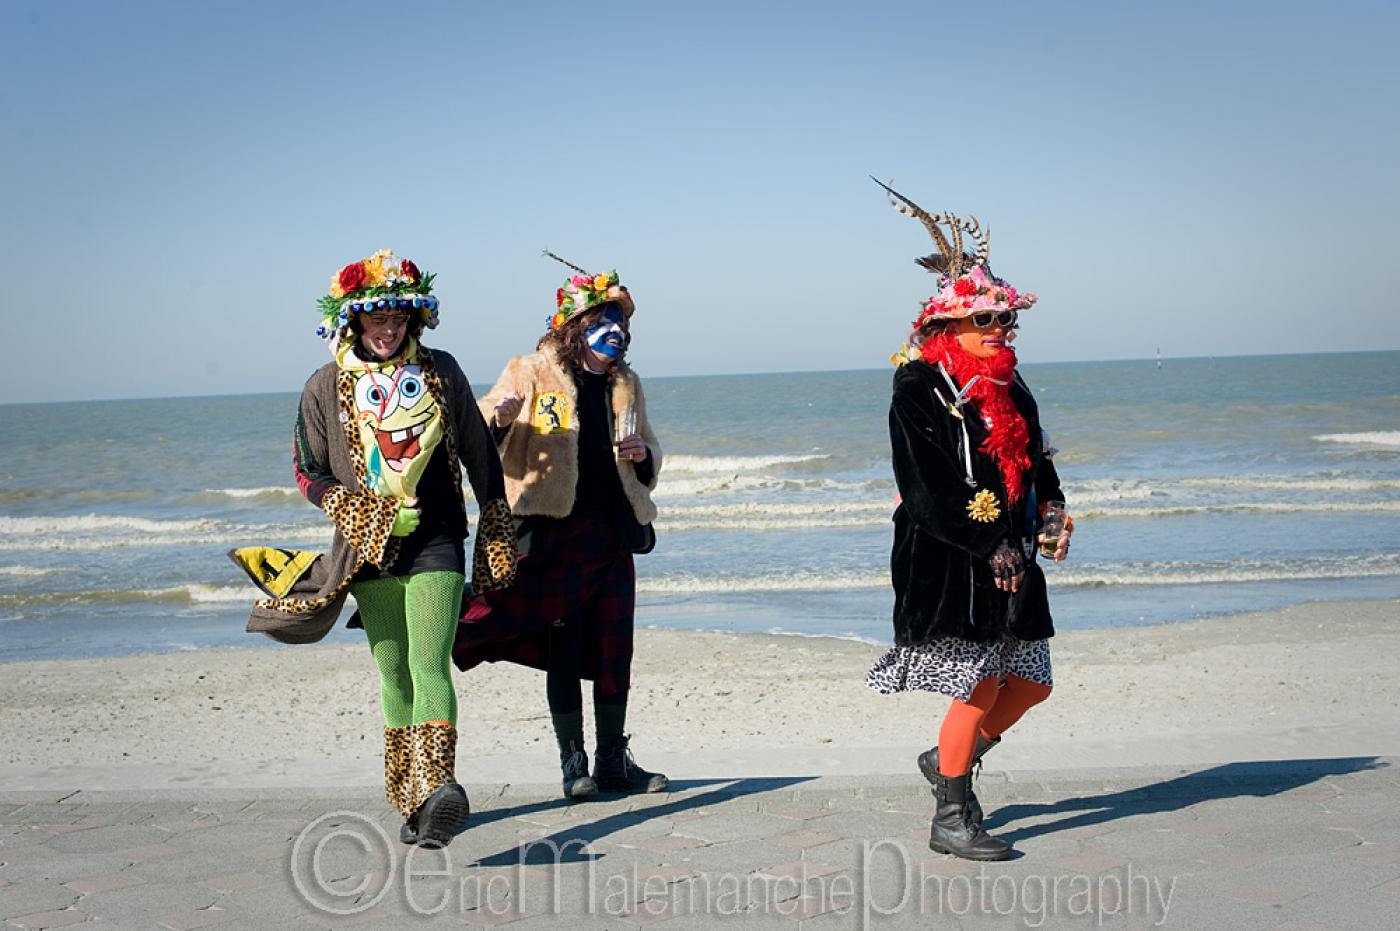 http://www.ericmalemanche.com/imagess/topics/carnaval-de-dunkerque/liste/Carnaval-Dunkerque-1336.jpg